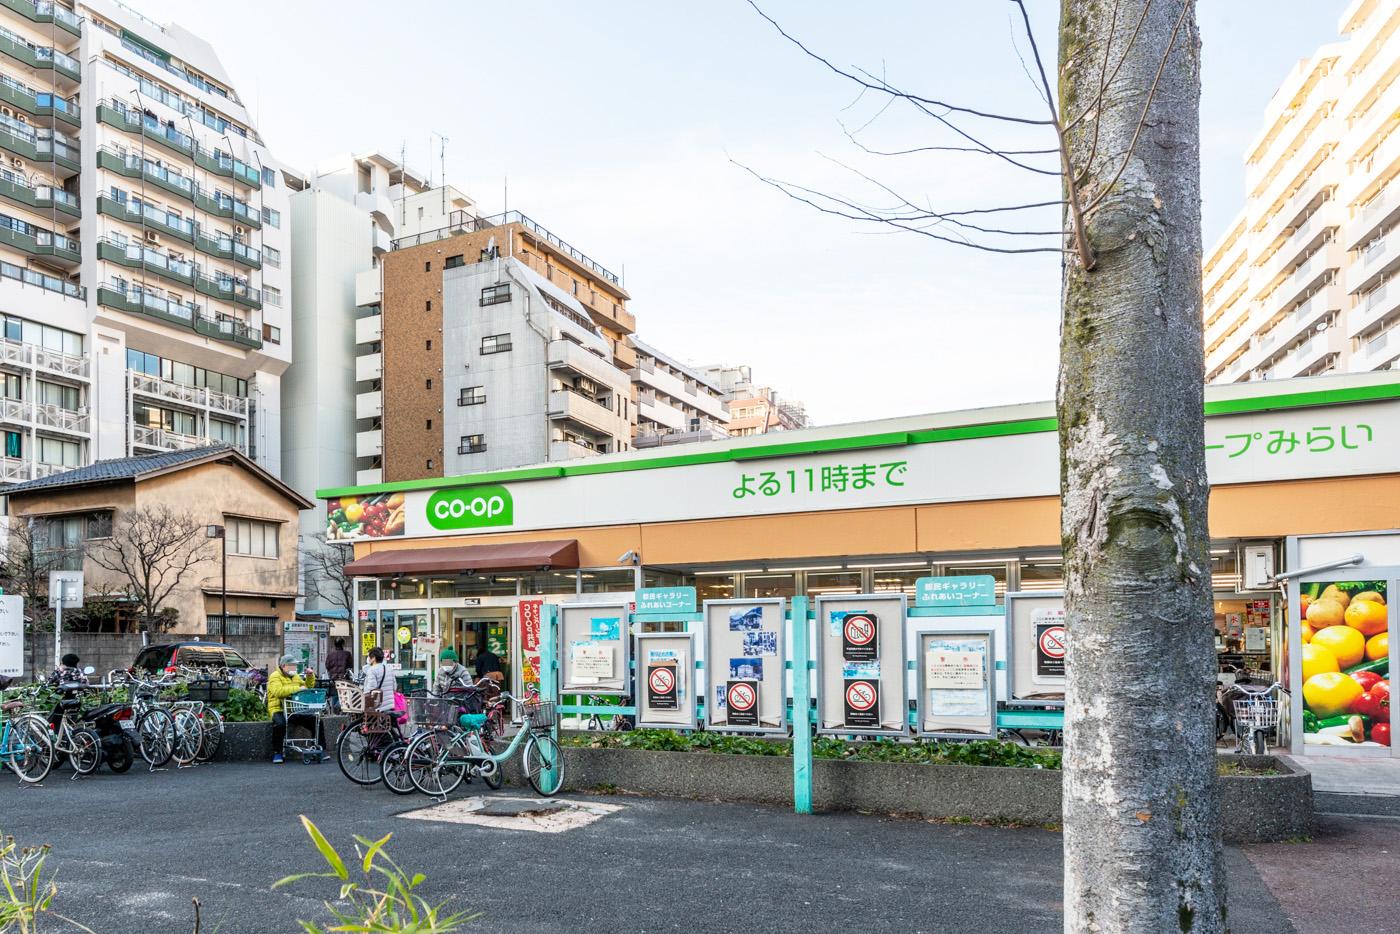 コープみらいコープ戸山店(350m)